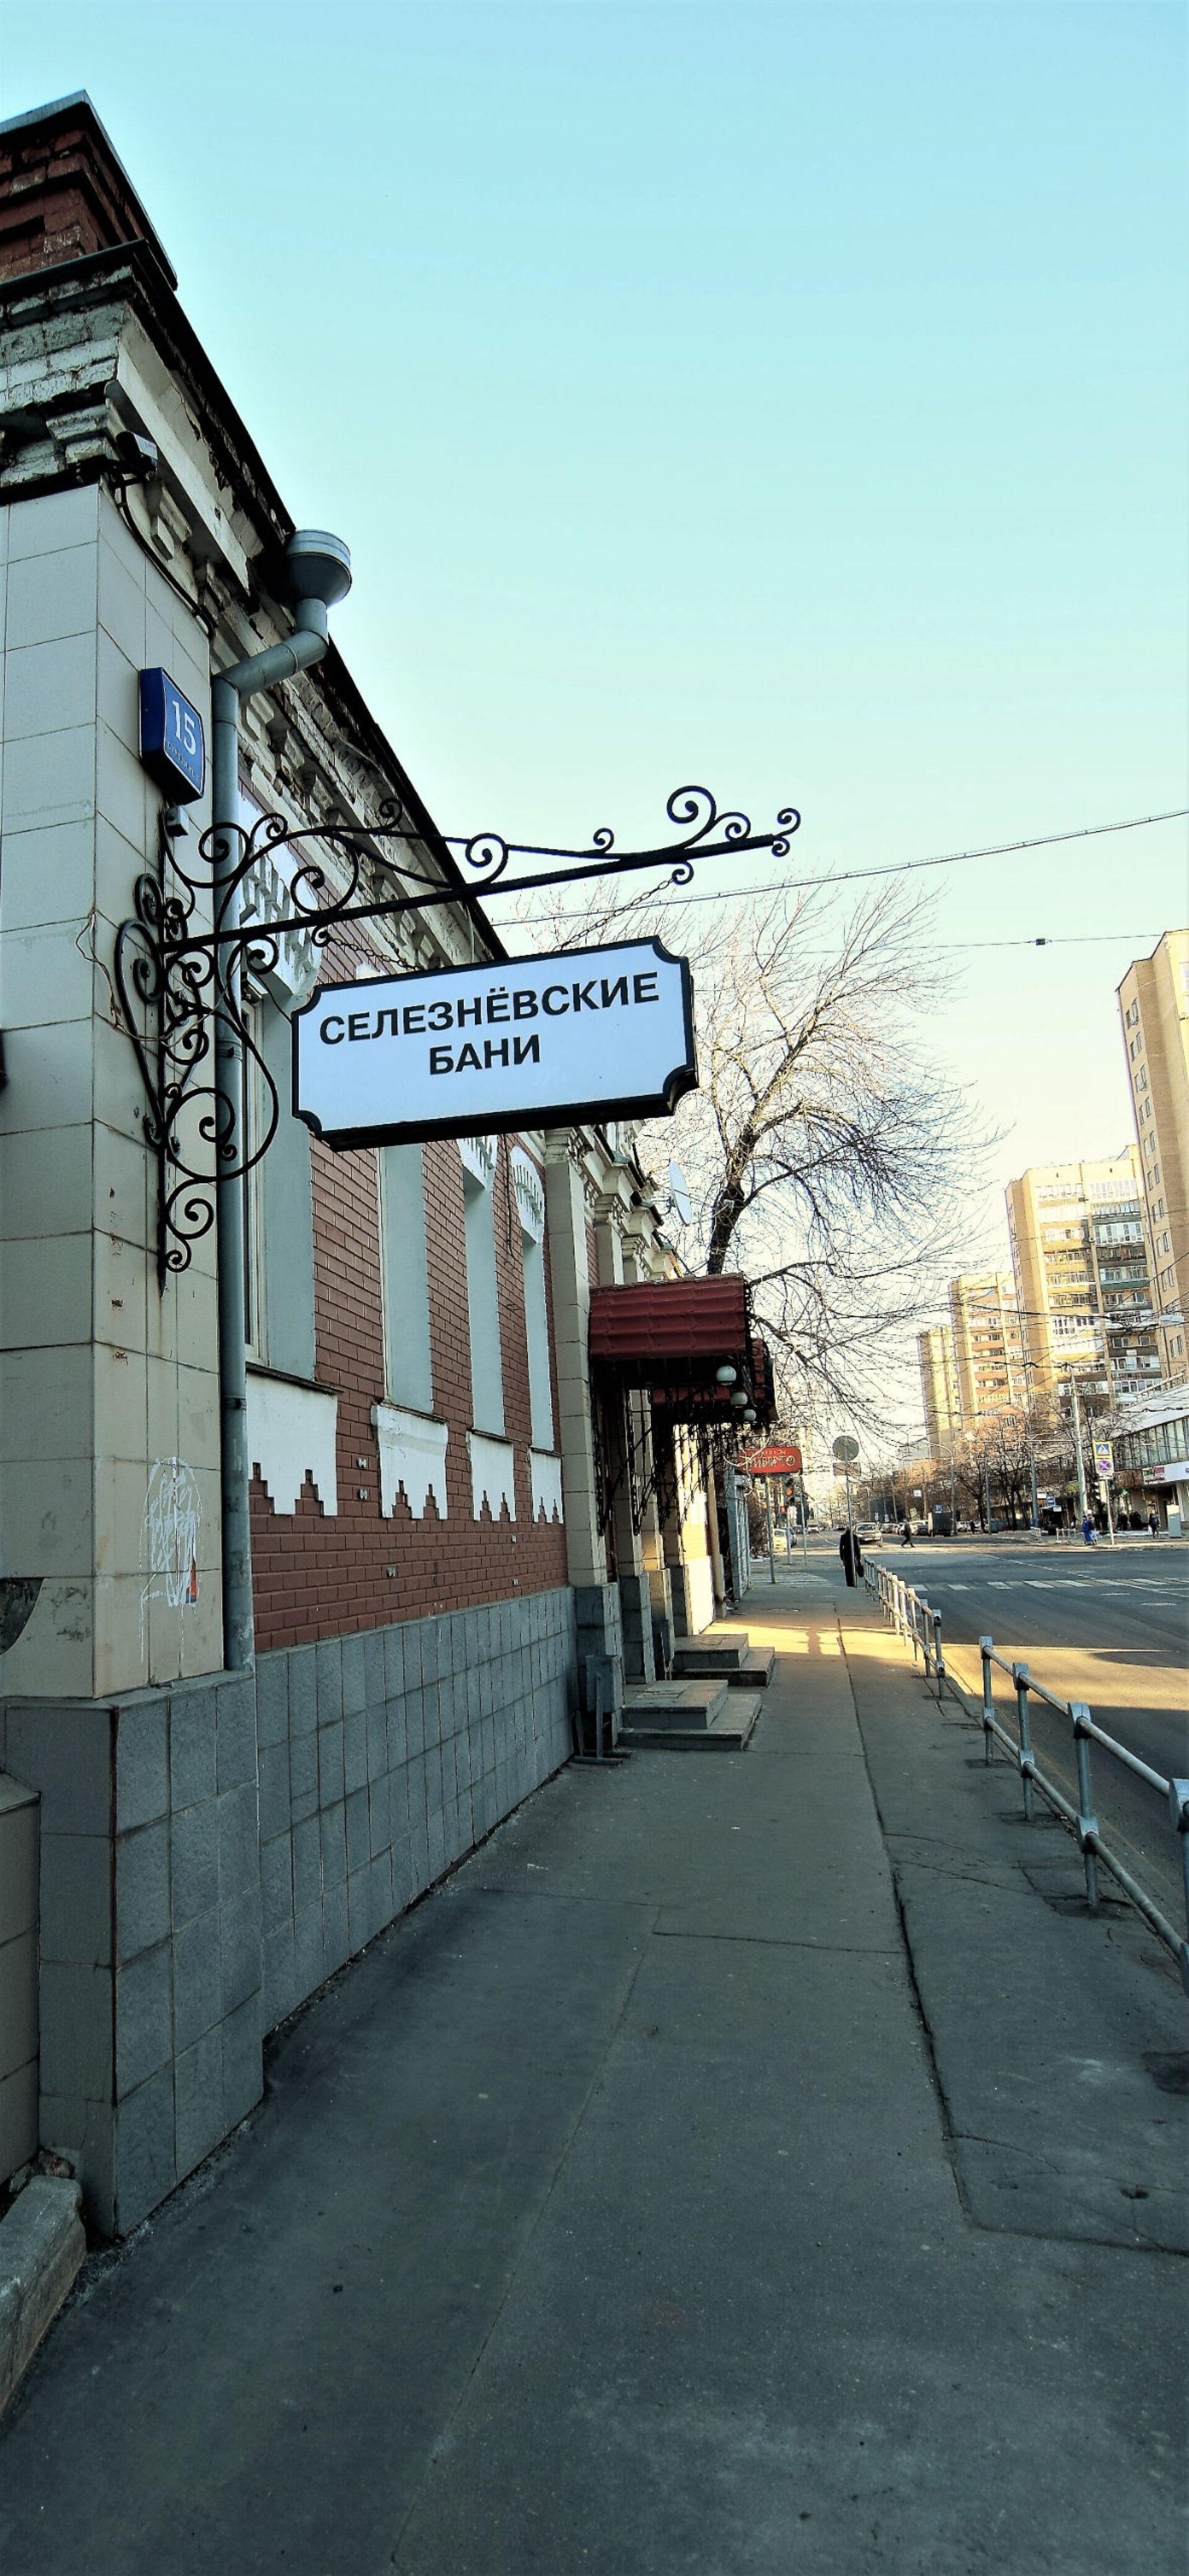 ОтНовослободской допроспекта Мира.